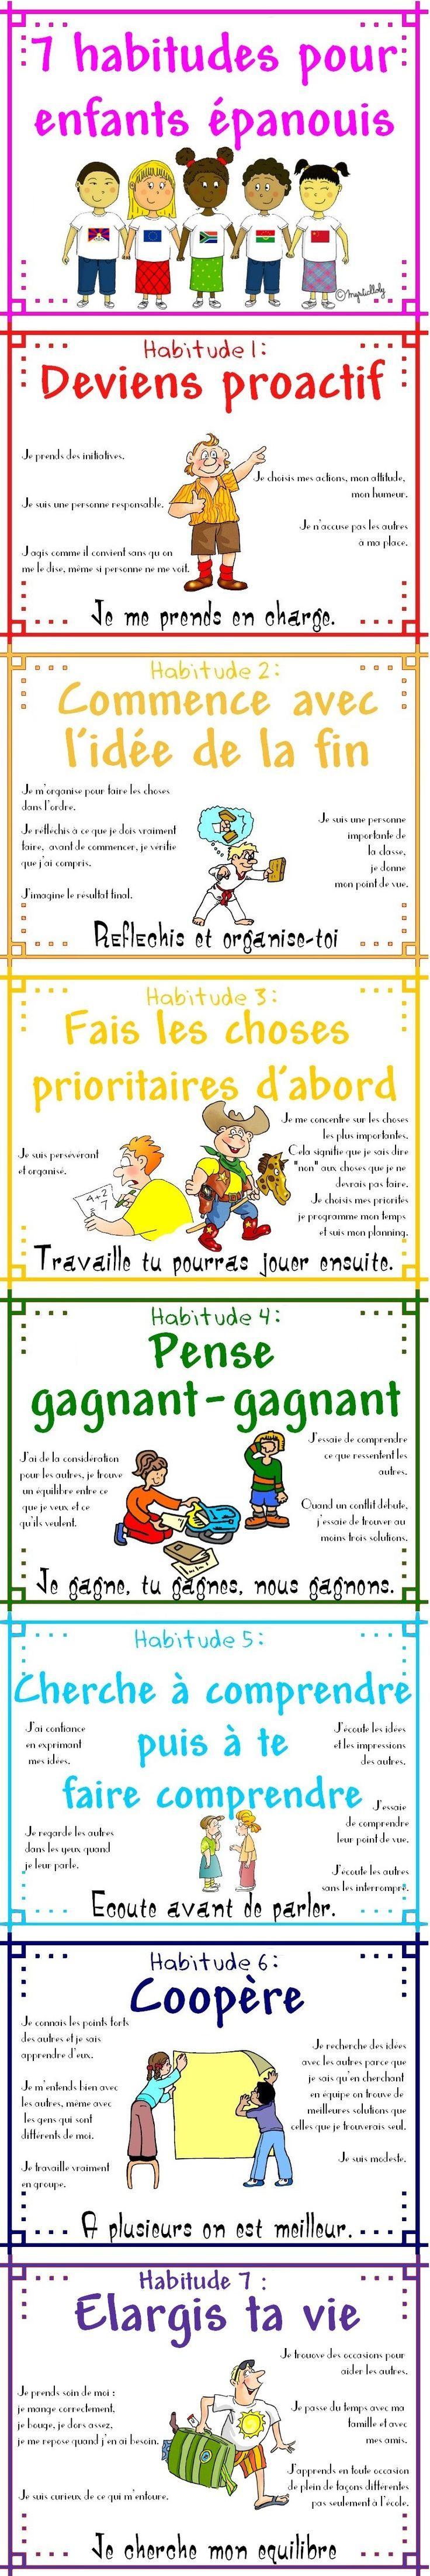 7 habitudes pour enfants épanouis (image seulement). Ca marche aussi pour les adultes !!!